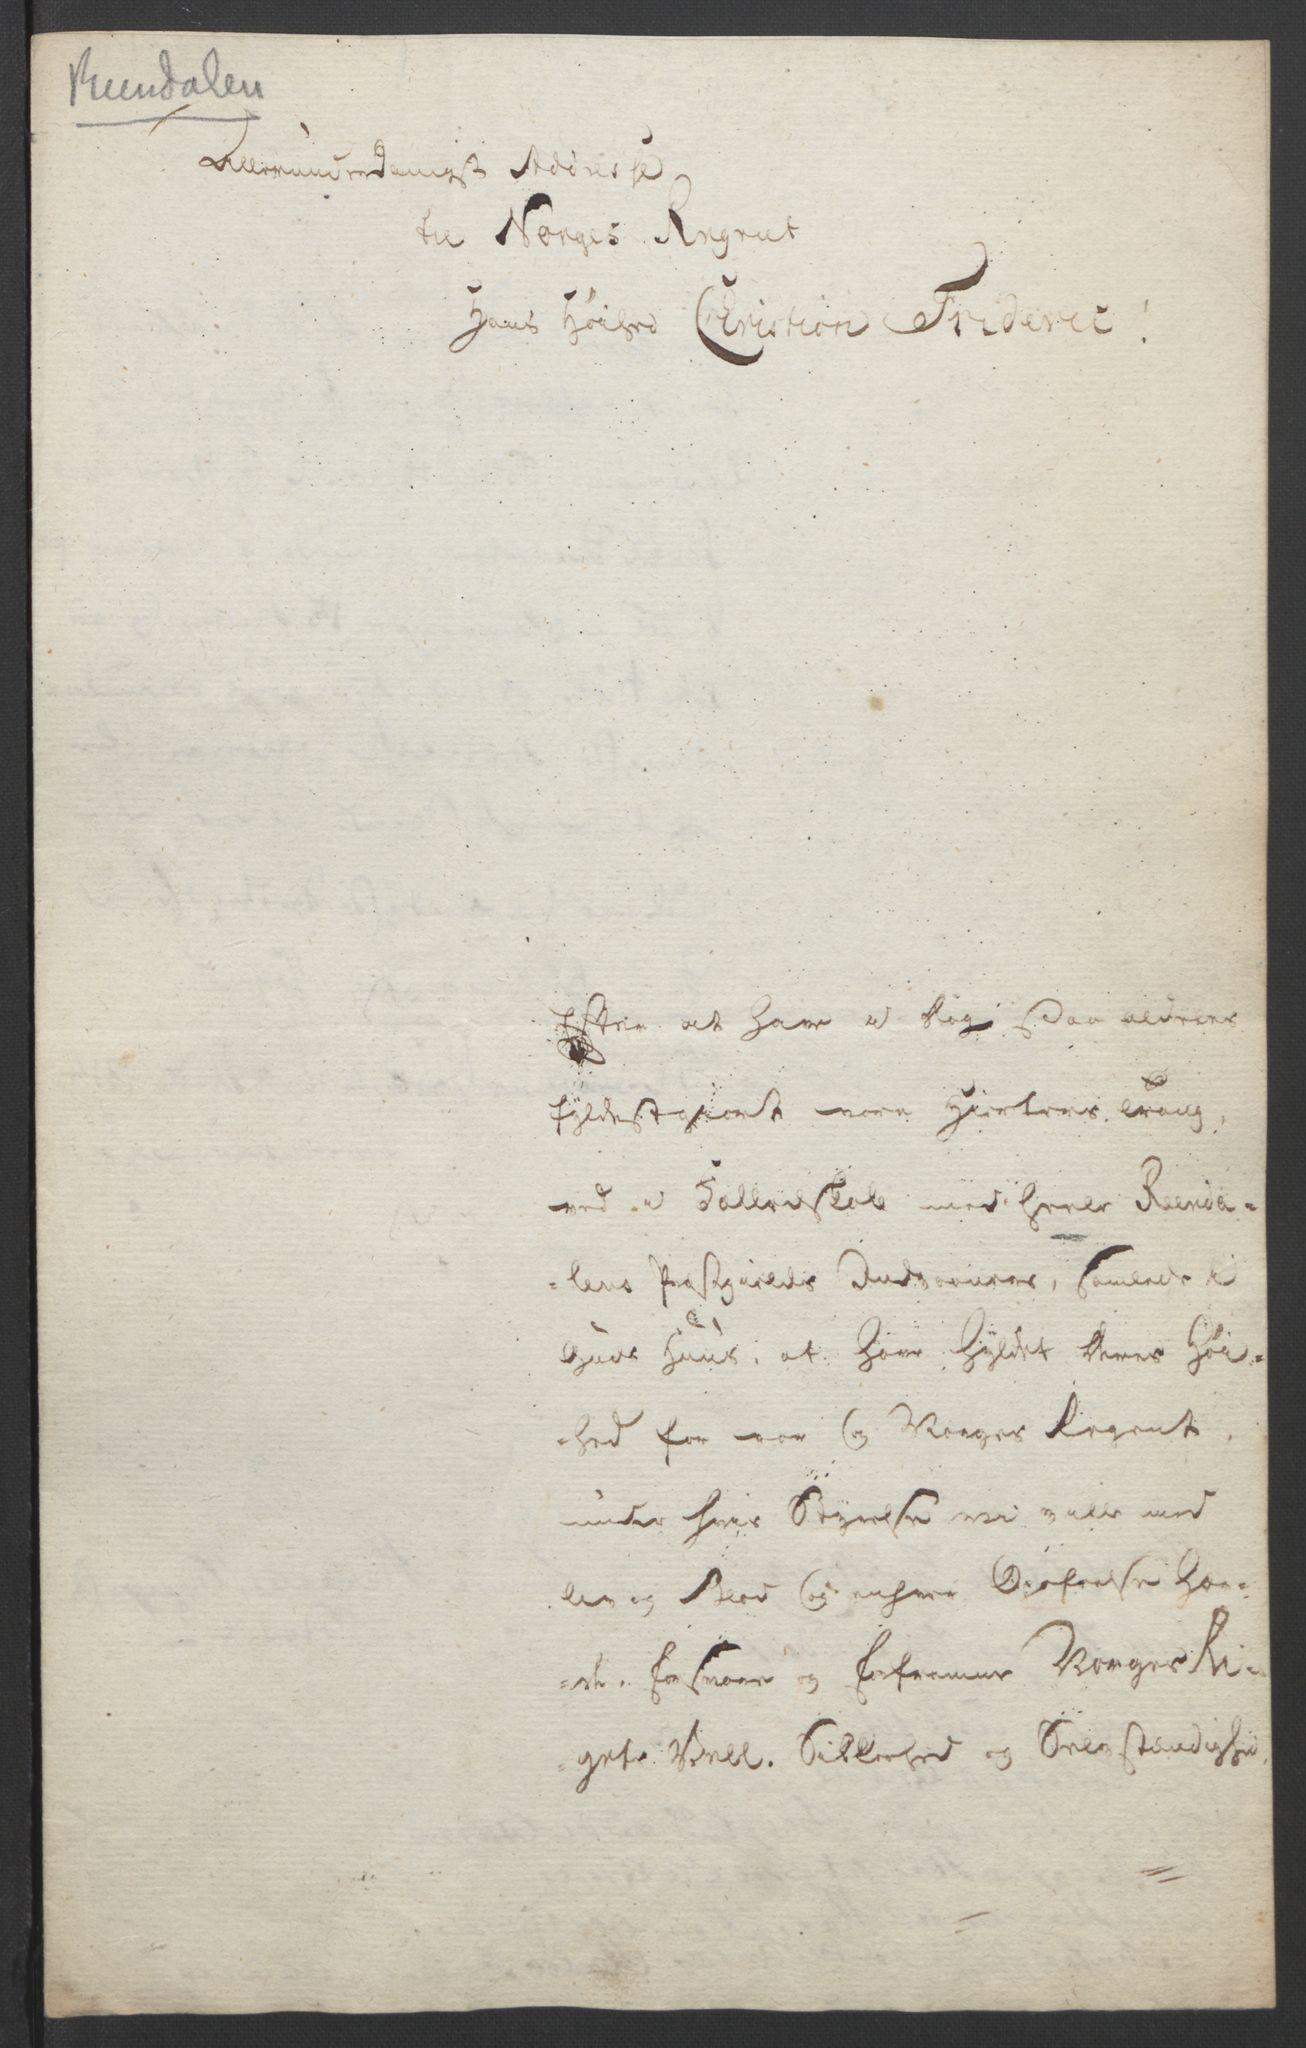 RA, Statsrådssekretariatet, D/Db/L0007: Fullmakter for Eidsvollsrepresentantene i 1814. , 1814, s. 232